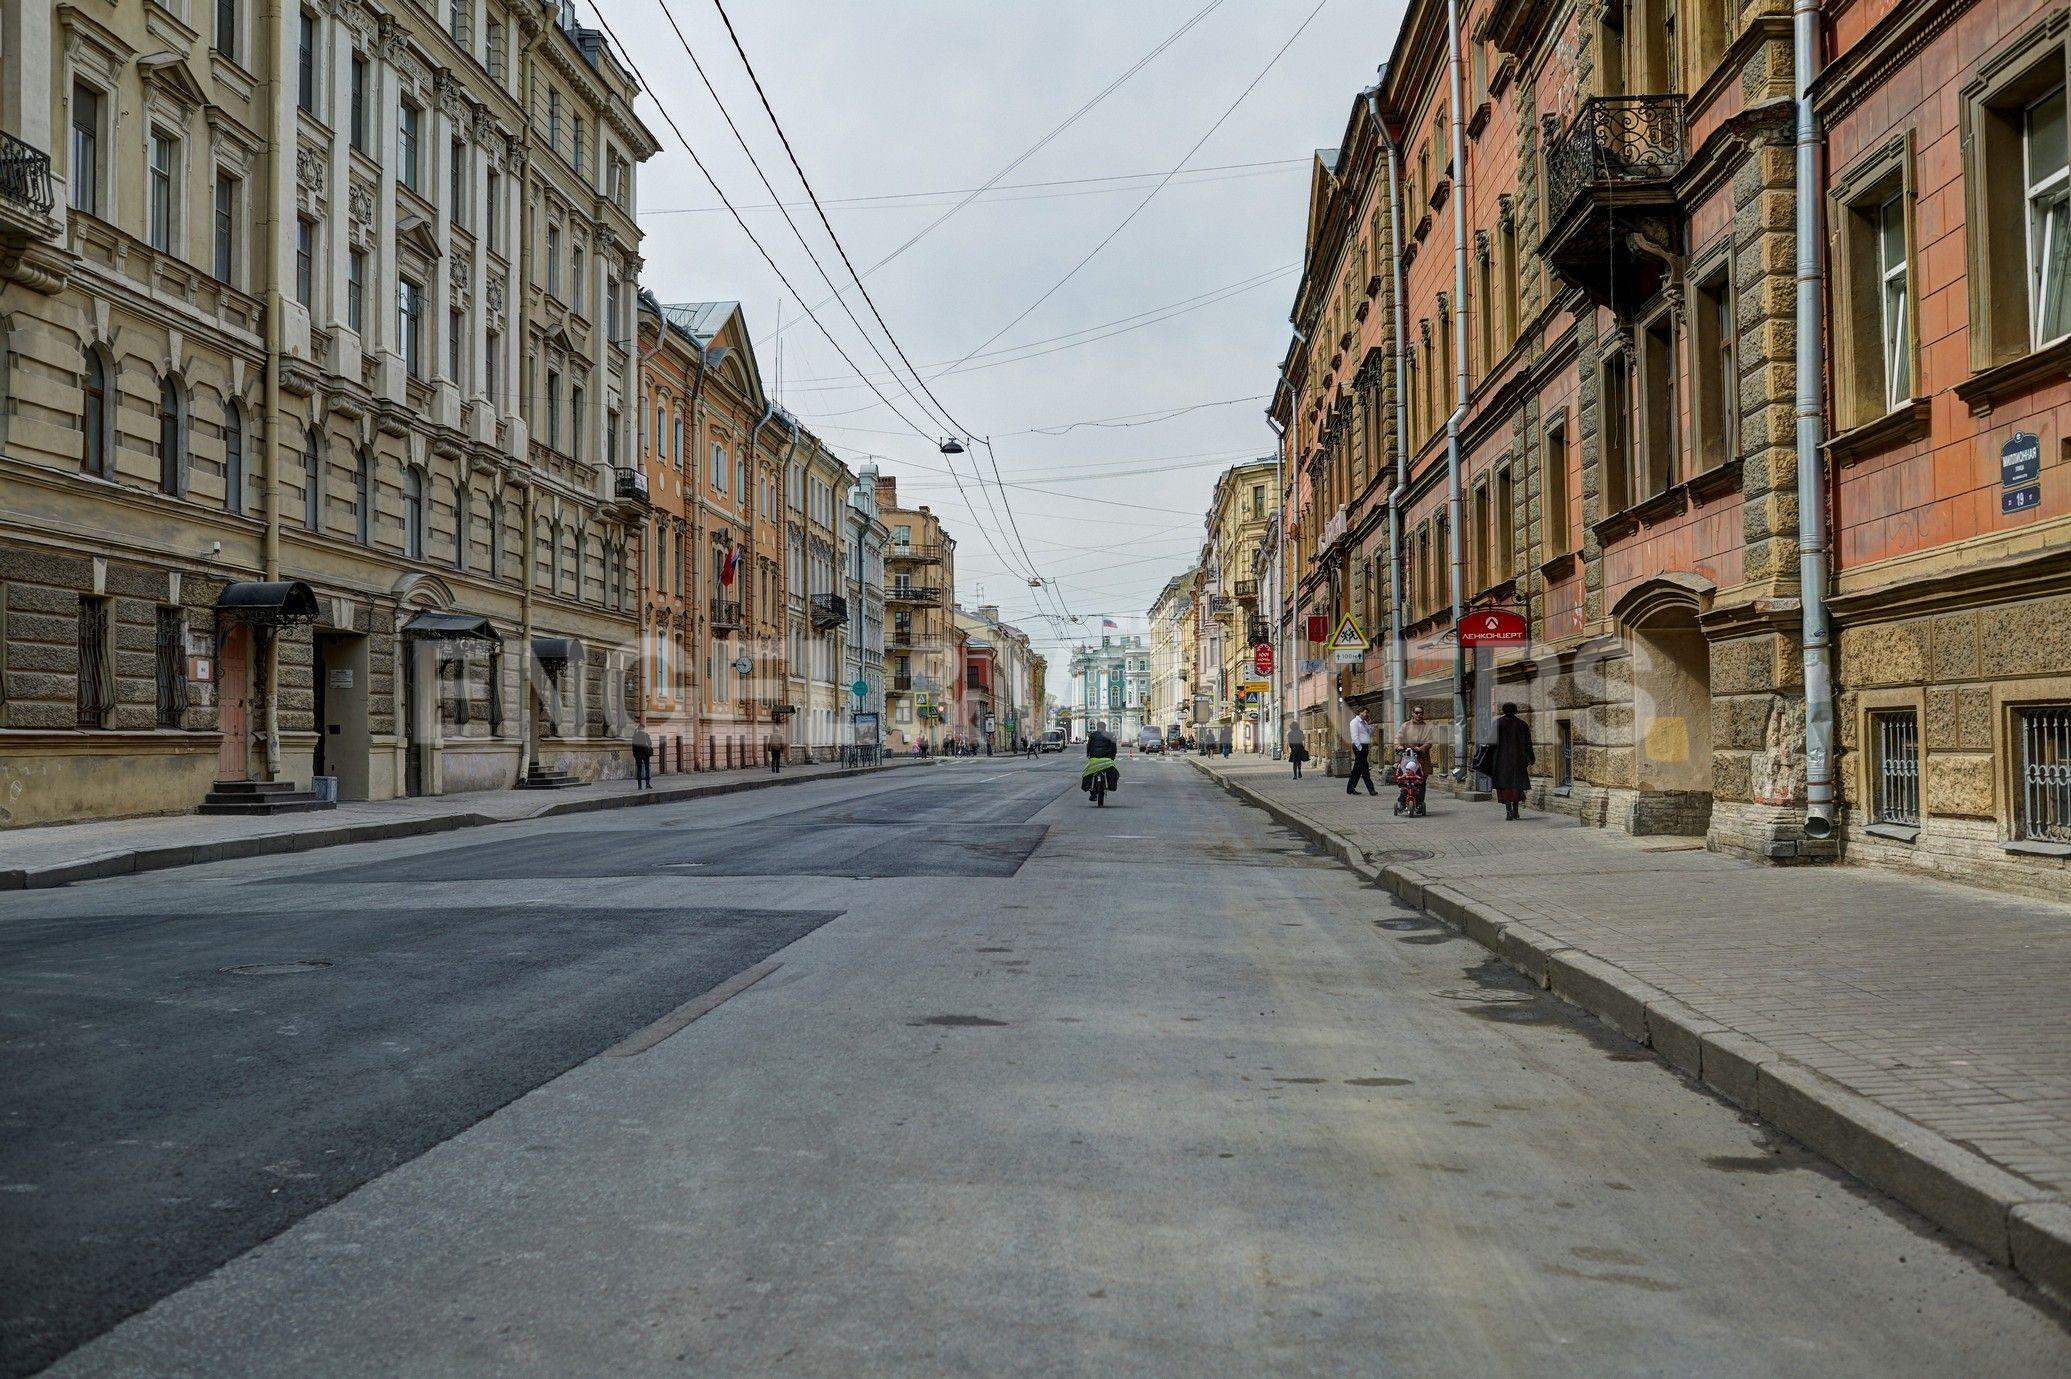 Элитные квартиры в Центральном районе. Санкт-Петербург, Миллионная, 19. Миллионная улица в сторону Дворцовой площади